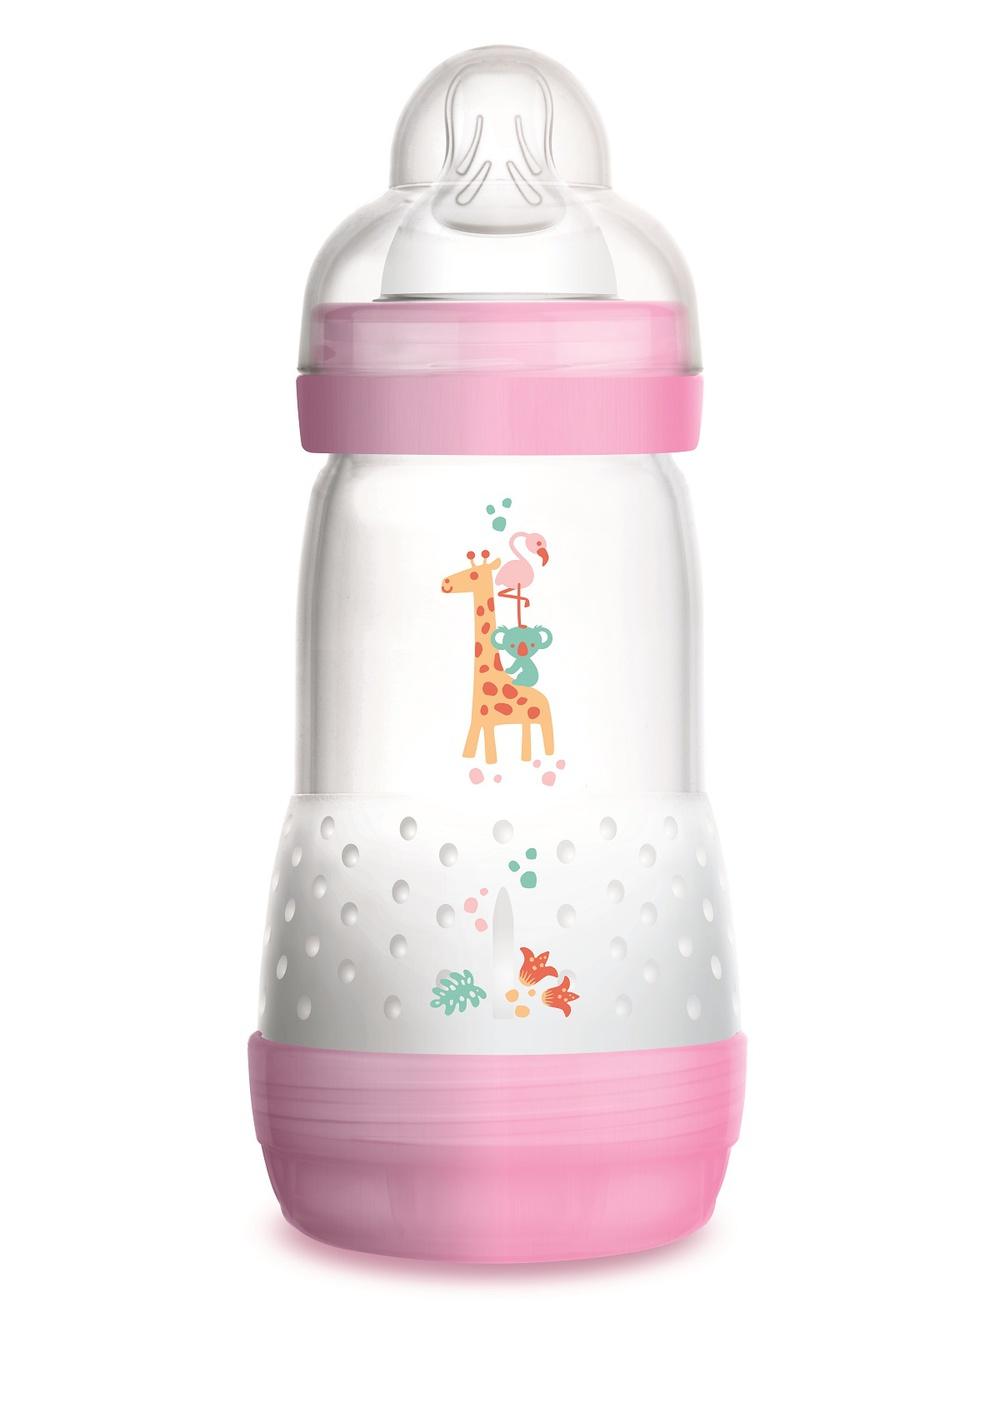 Бутылочка для кормления – это первое, чем следует обзавестись после рождения ребенка